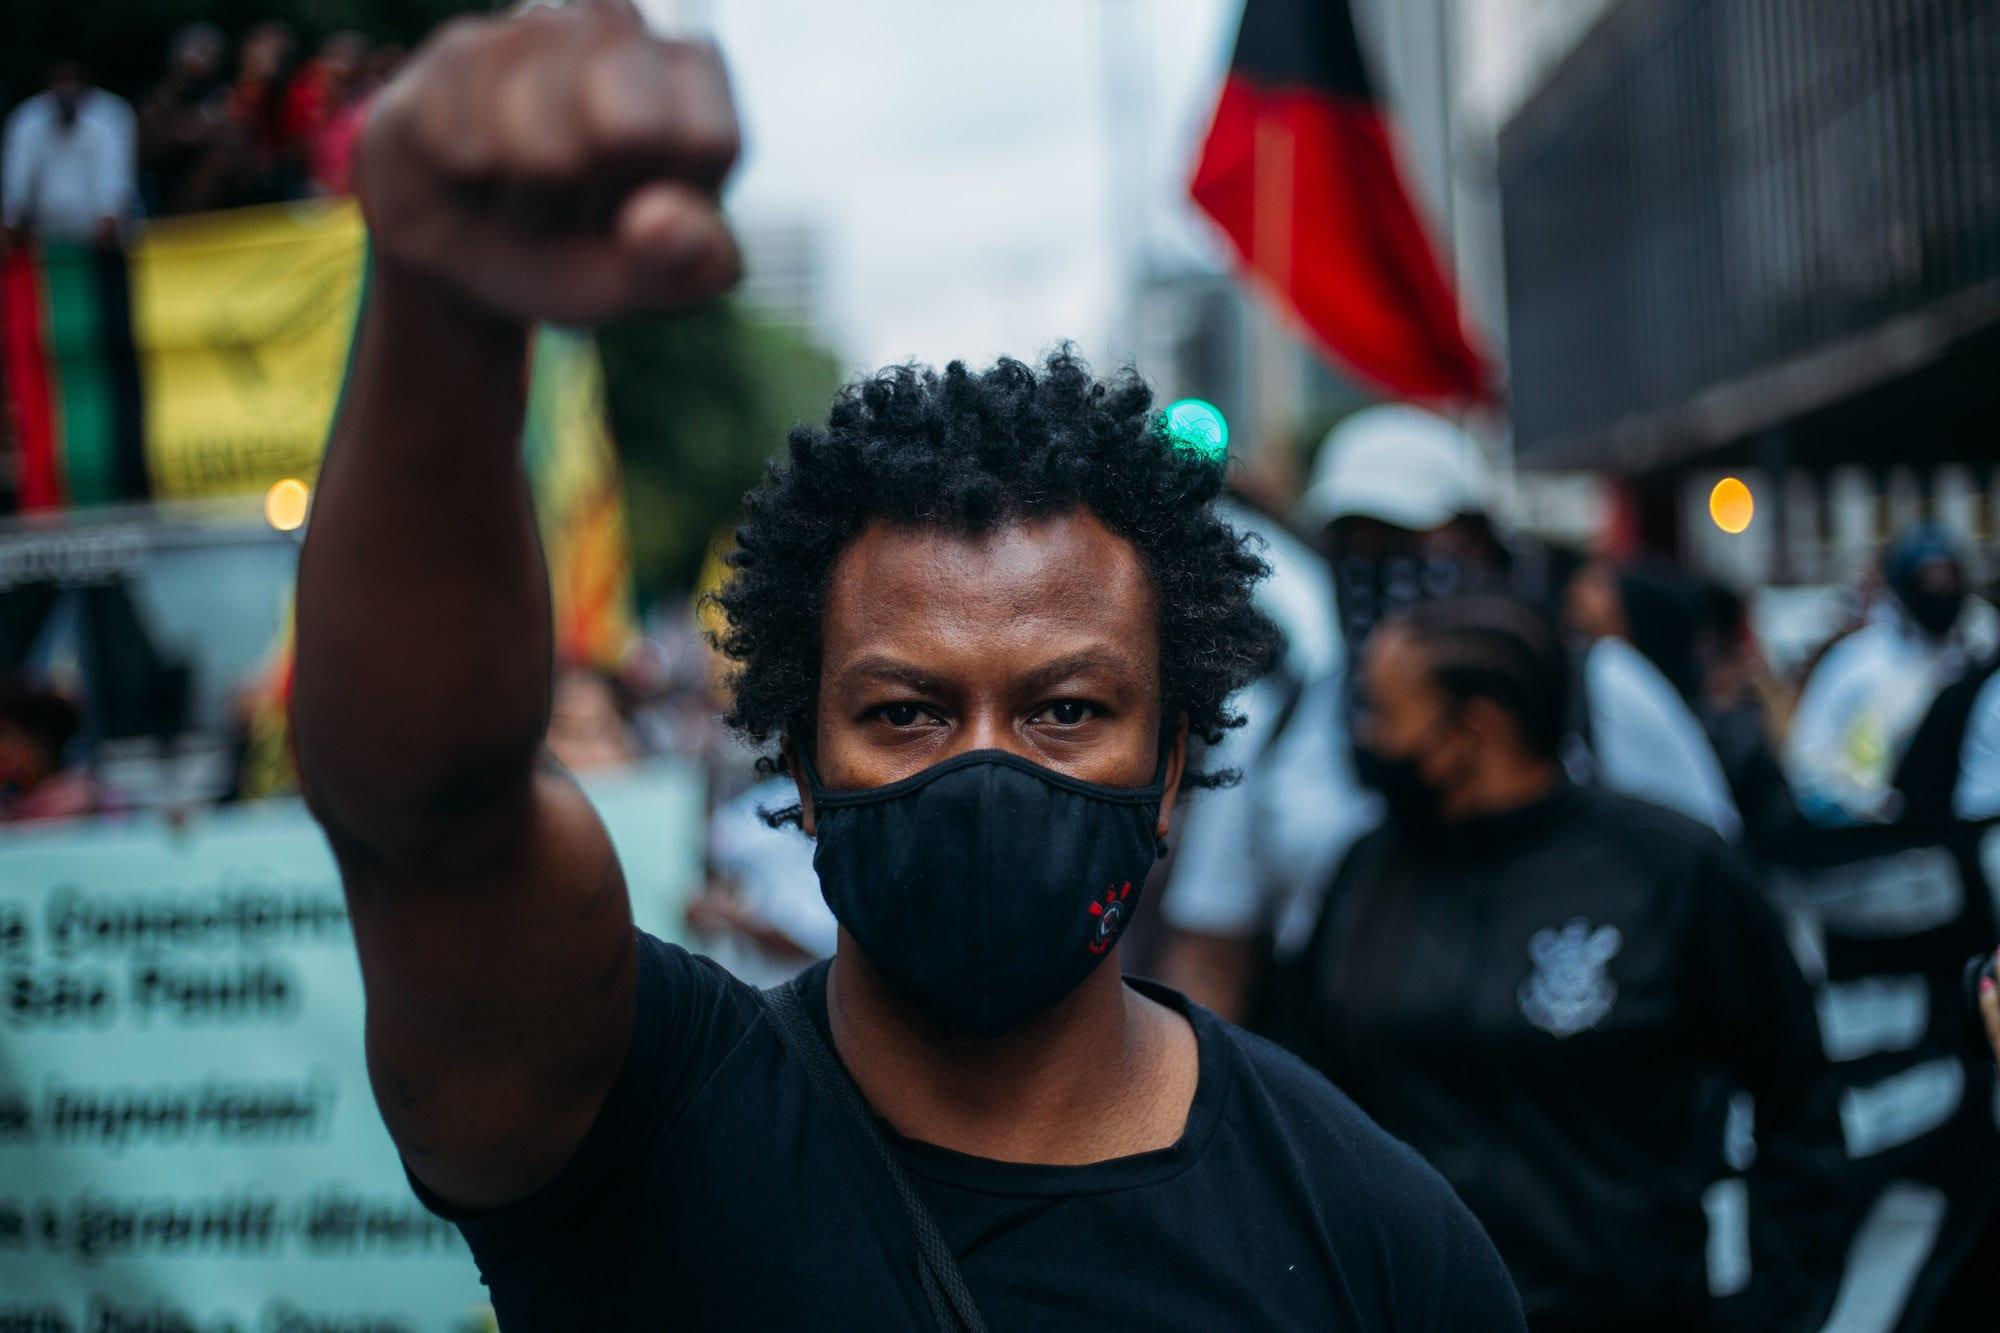 Homem negro vestindo camiseta preta encarando a câmera com punho fechado levantado no ar.